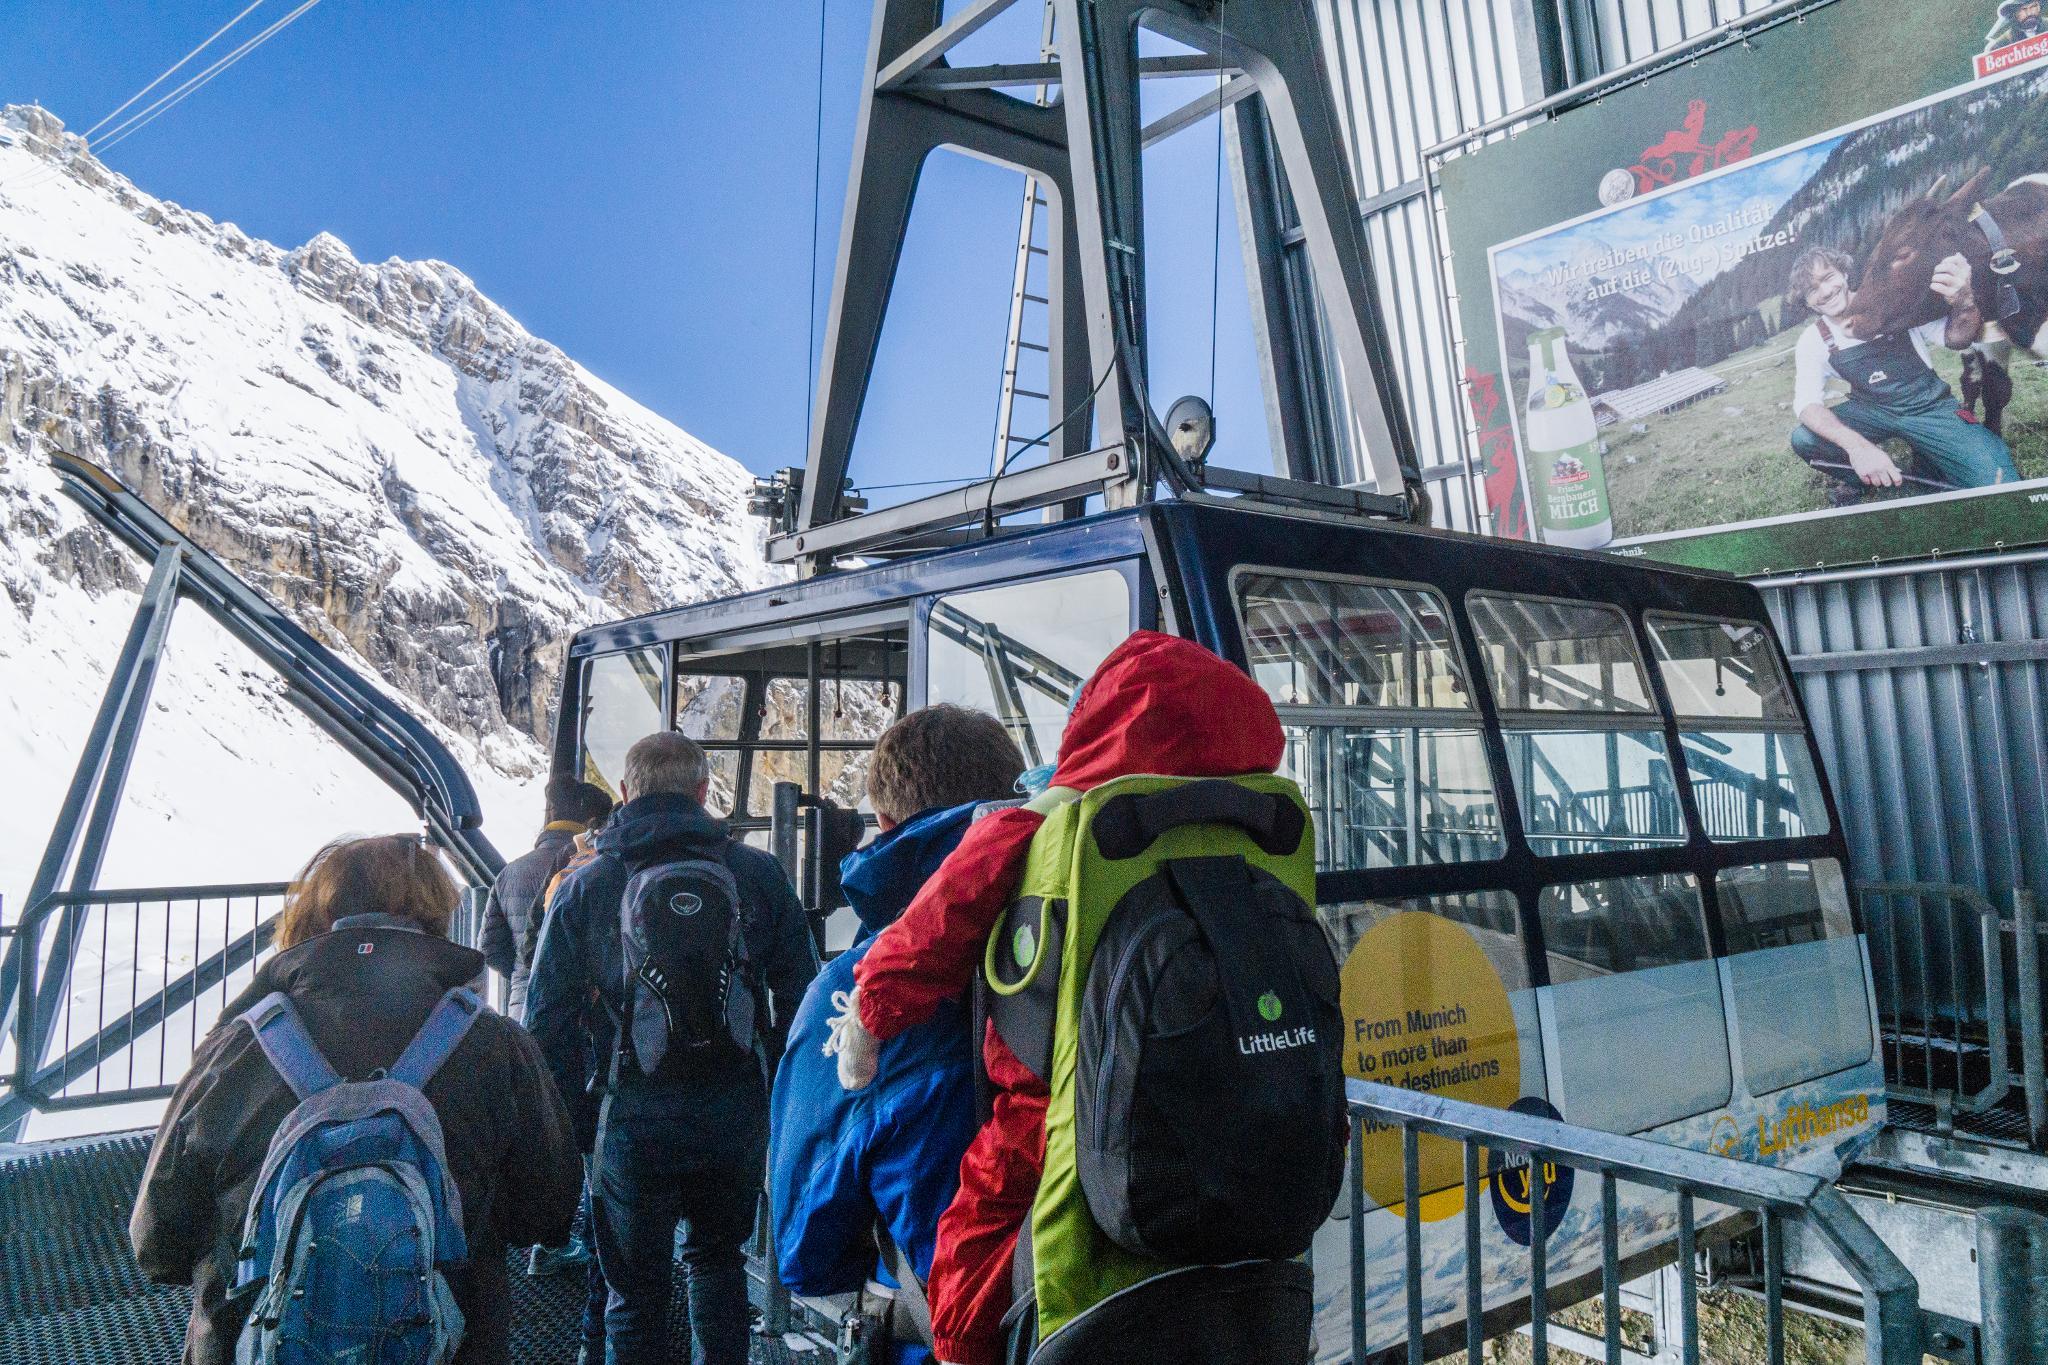 【德國】阿爾卑斯大道:楚格峰 (Zugspitze) 登上德國之巔 38